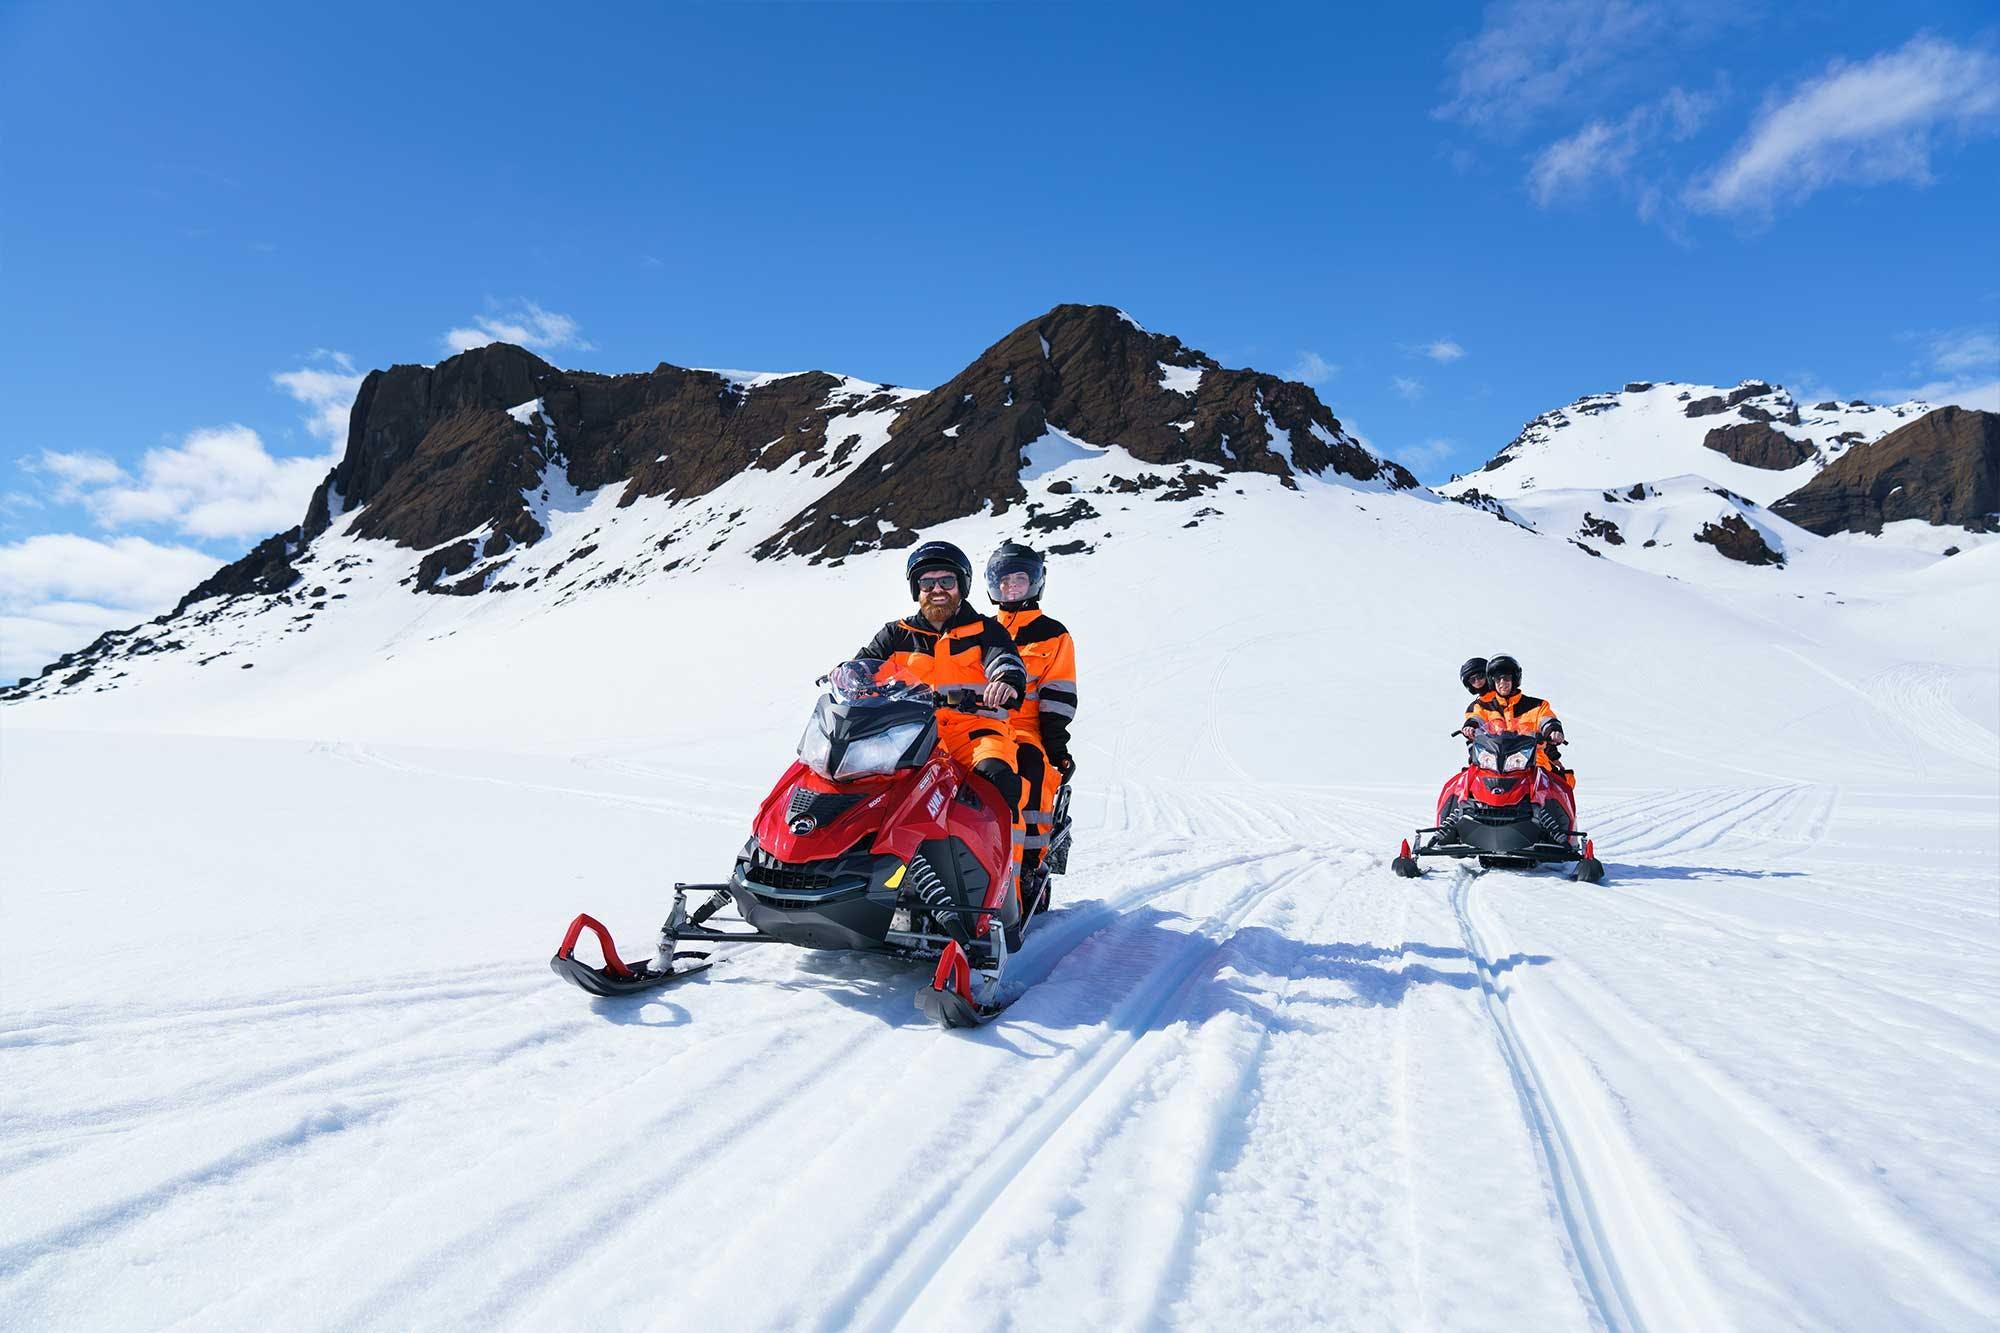 Schneemobil-Tour auf dem Langjökull, ab Reykjavík | Kleingruppe